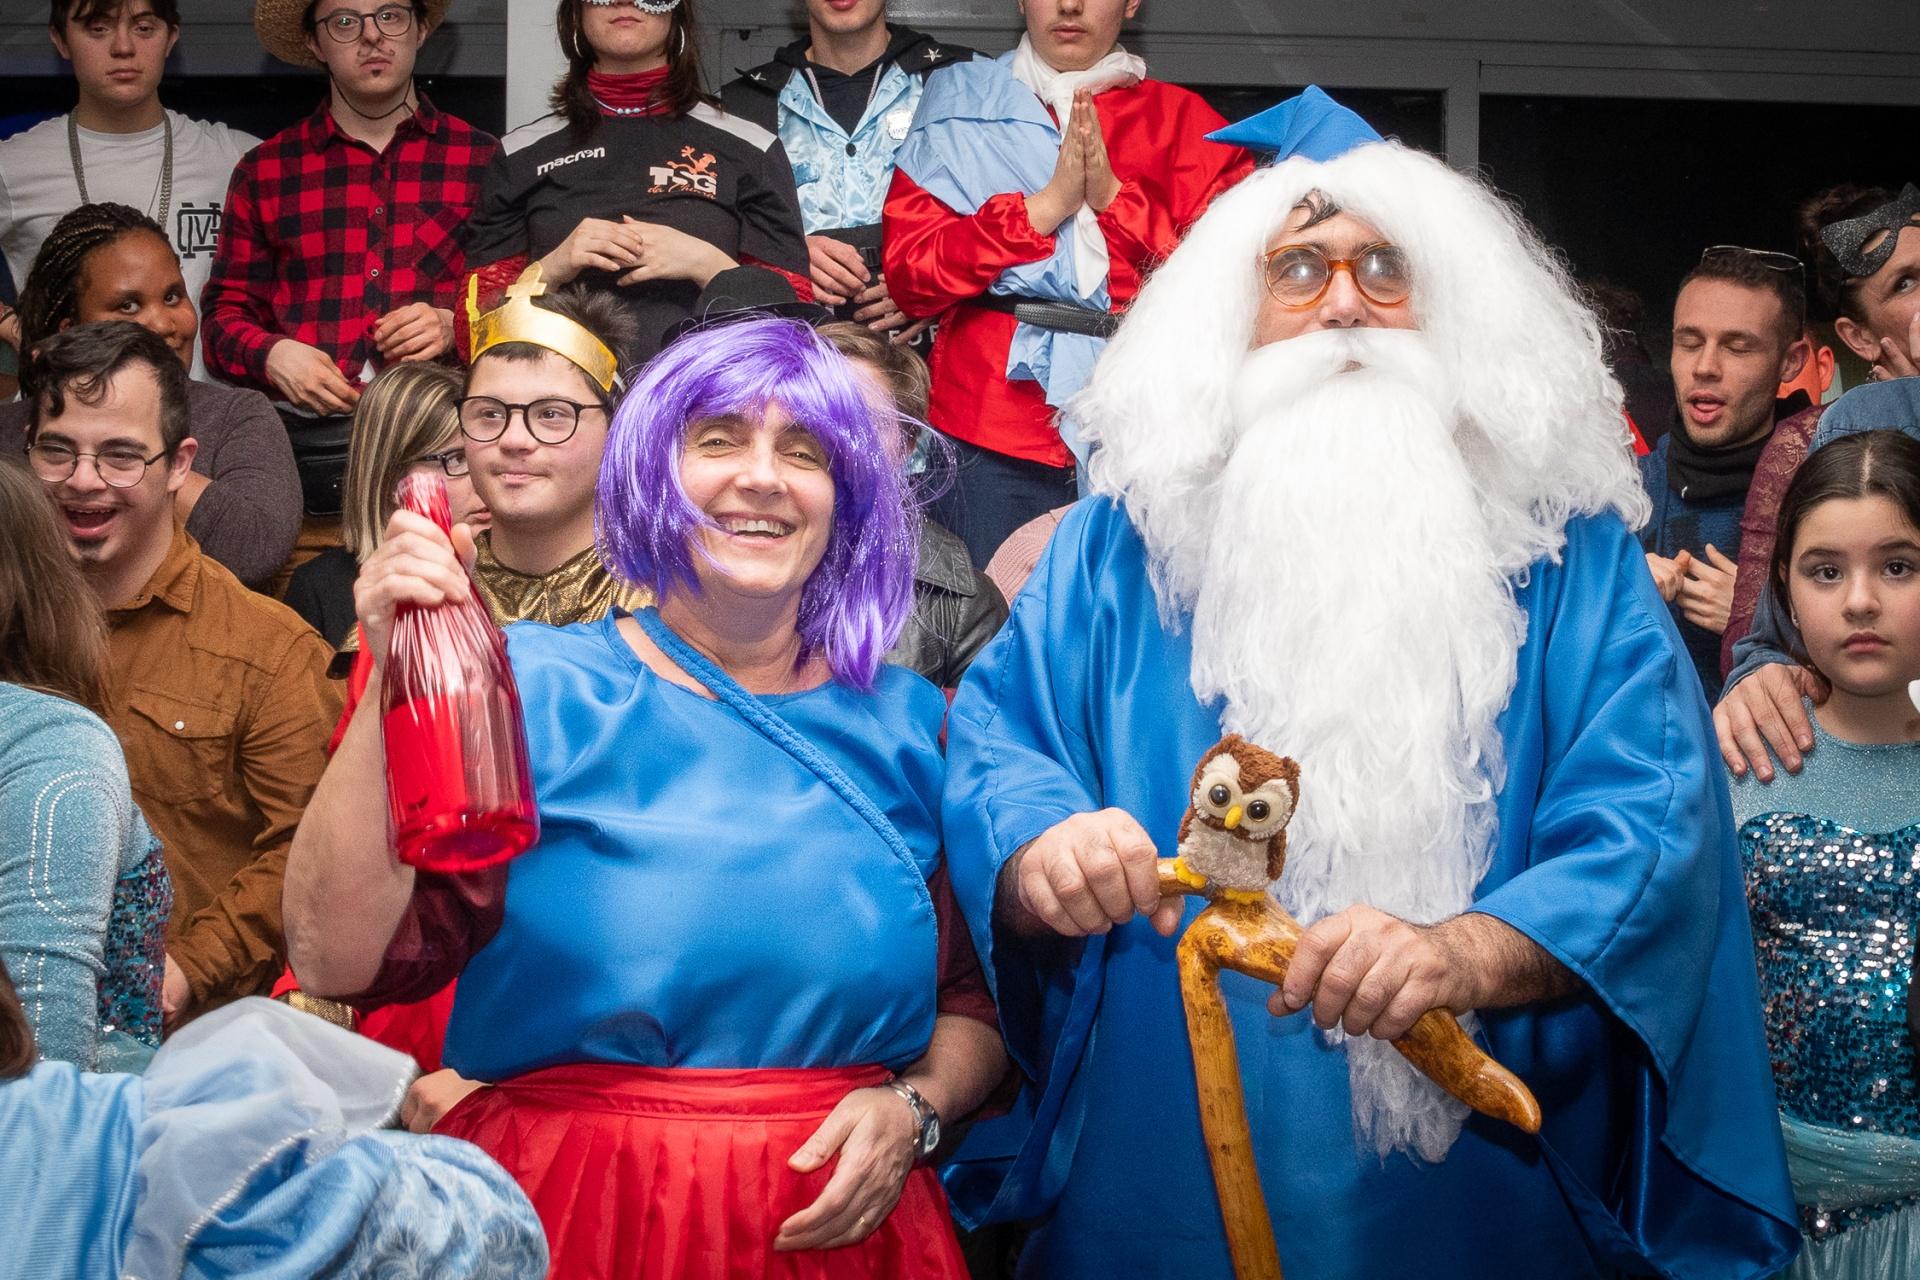 14° Carnevale TSM, Ca' Marta - Sassuolo (MO) Sabato 15 febbraio 2020 Tutto il ricavato è stato devoluto a TSM TuttoSiMuove & AISM (Sezione Provinciale di Modena)